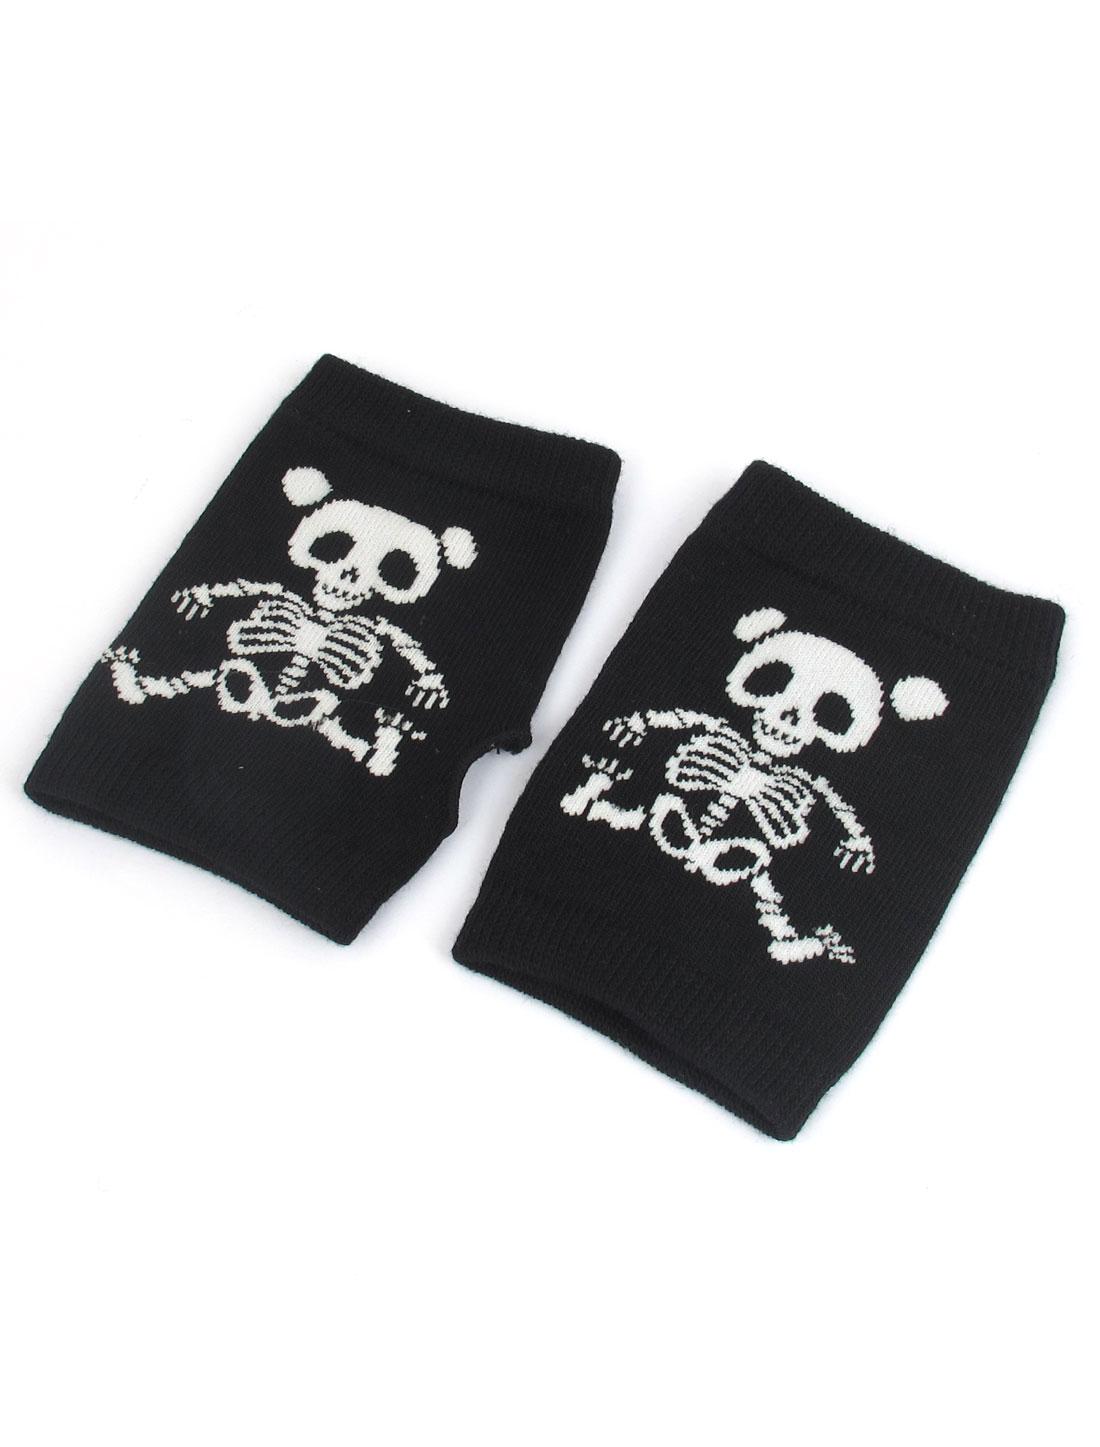 Pair Skull Pattern Stretchy Knitting Fingerless Warm Gloves Black